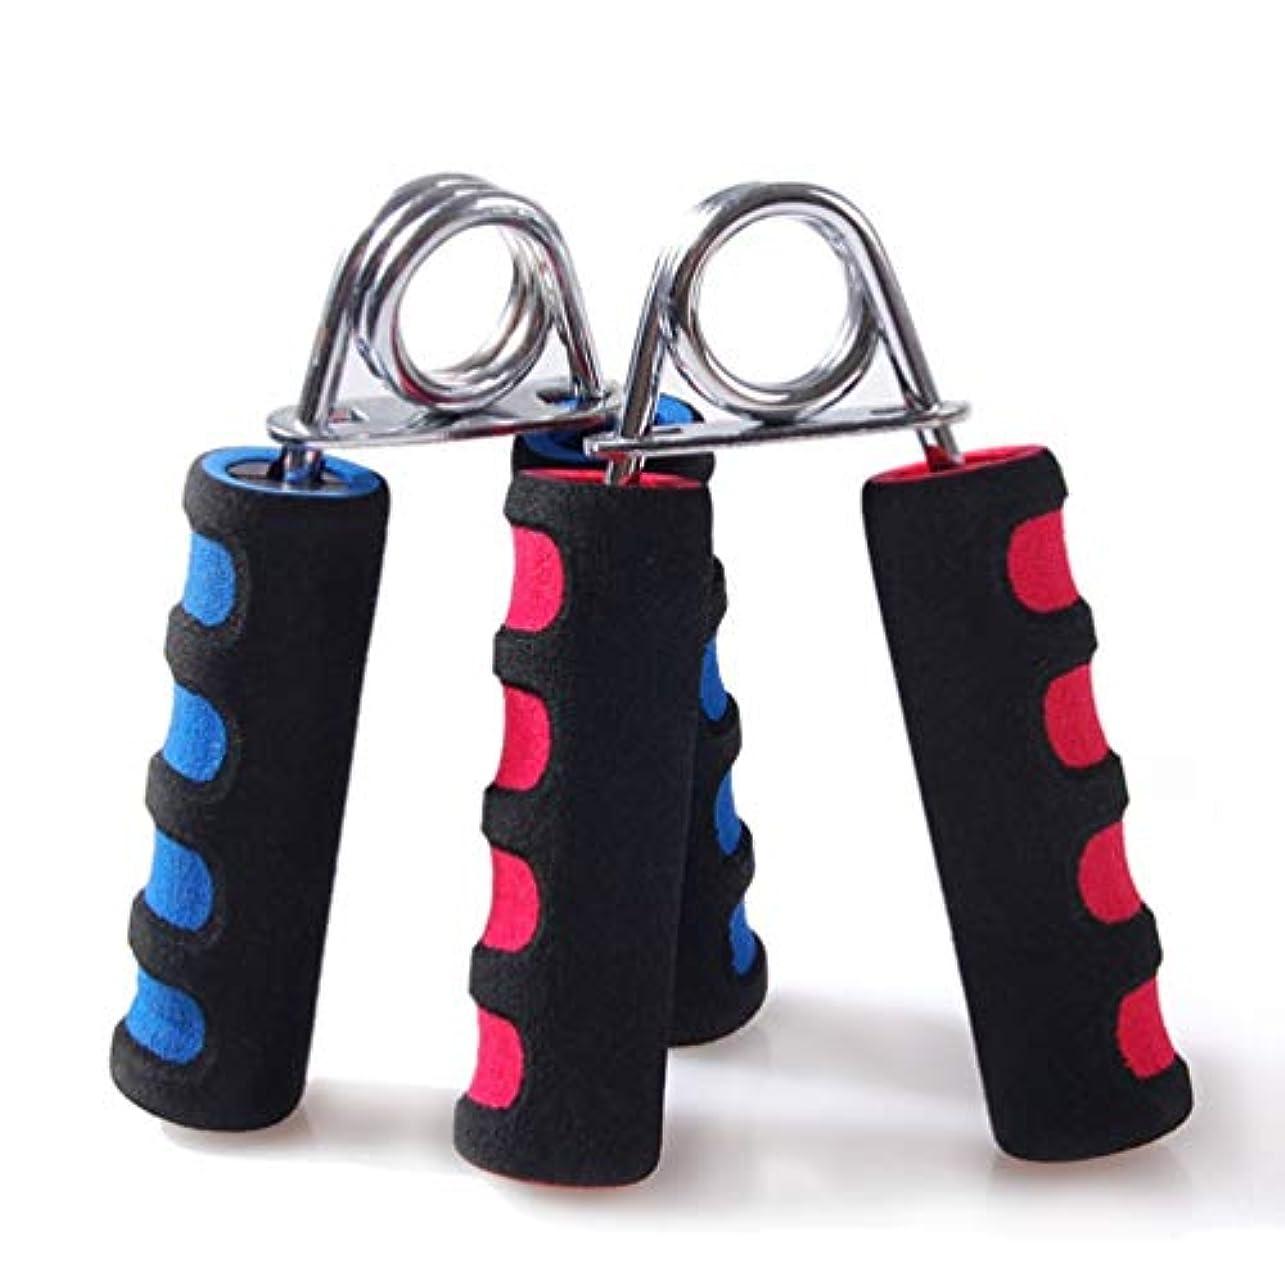 抑止する導入するマイルハンドグリッパーアーム手首エクササイザフィットネスグリップジムと毎日の運動のためのヘビーストレングストレーナー - カラーランダム